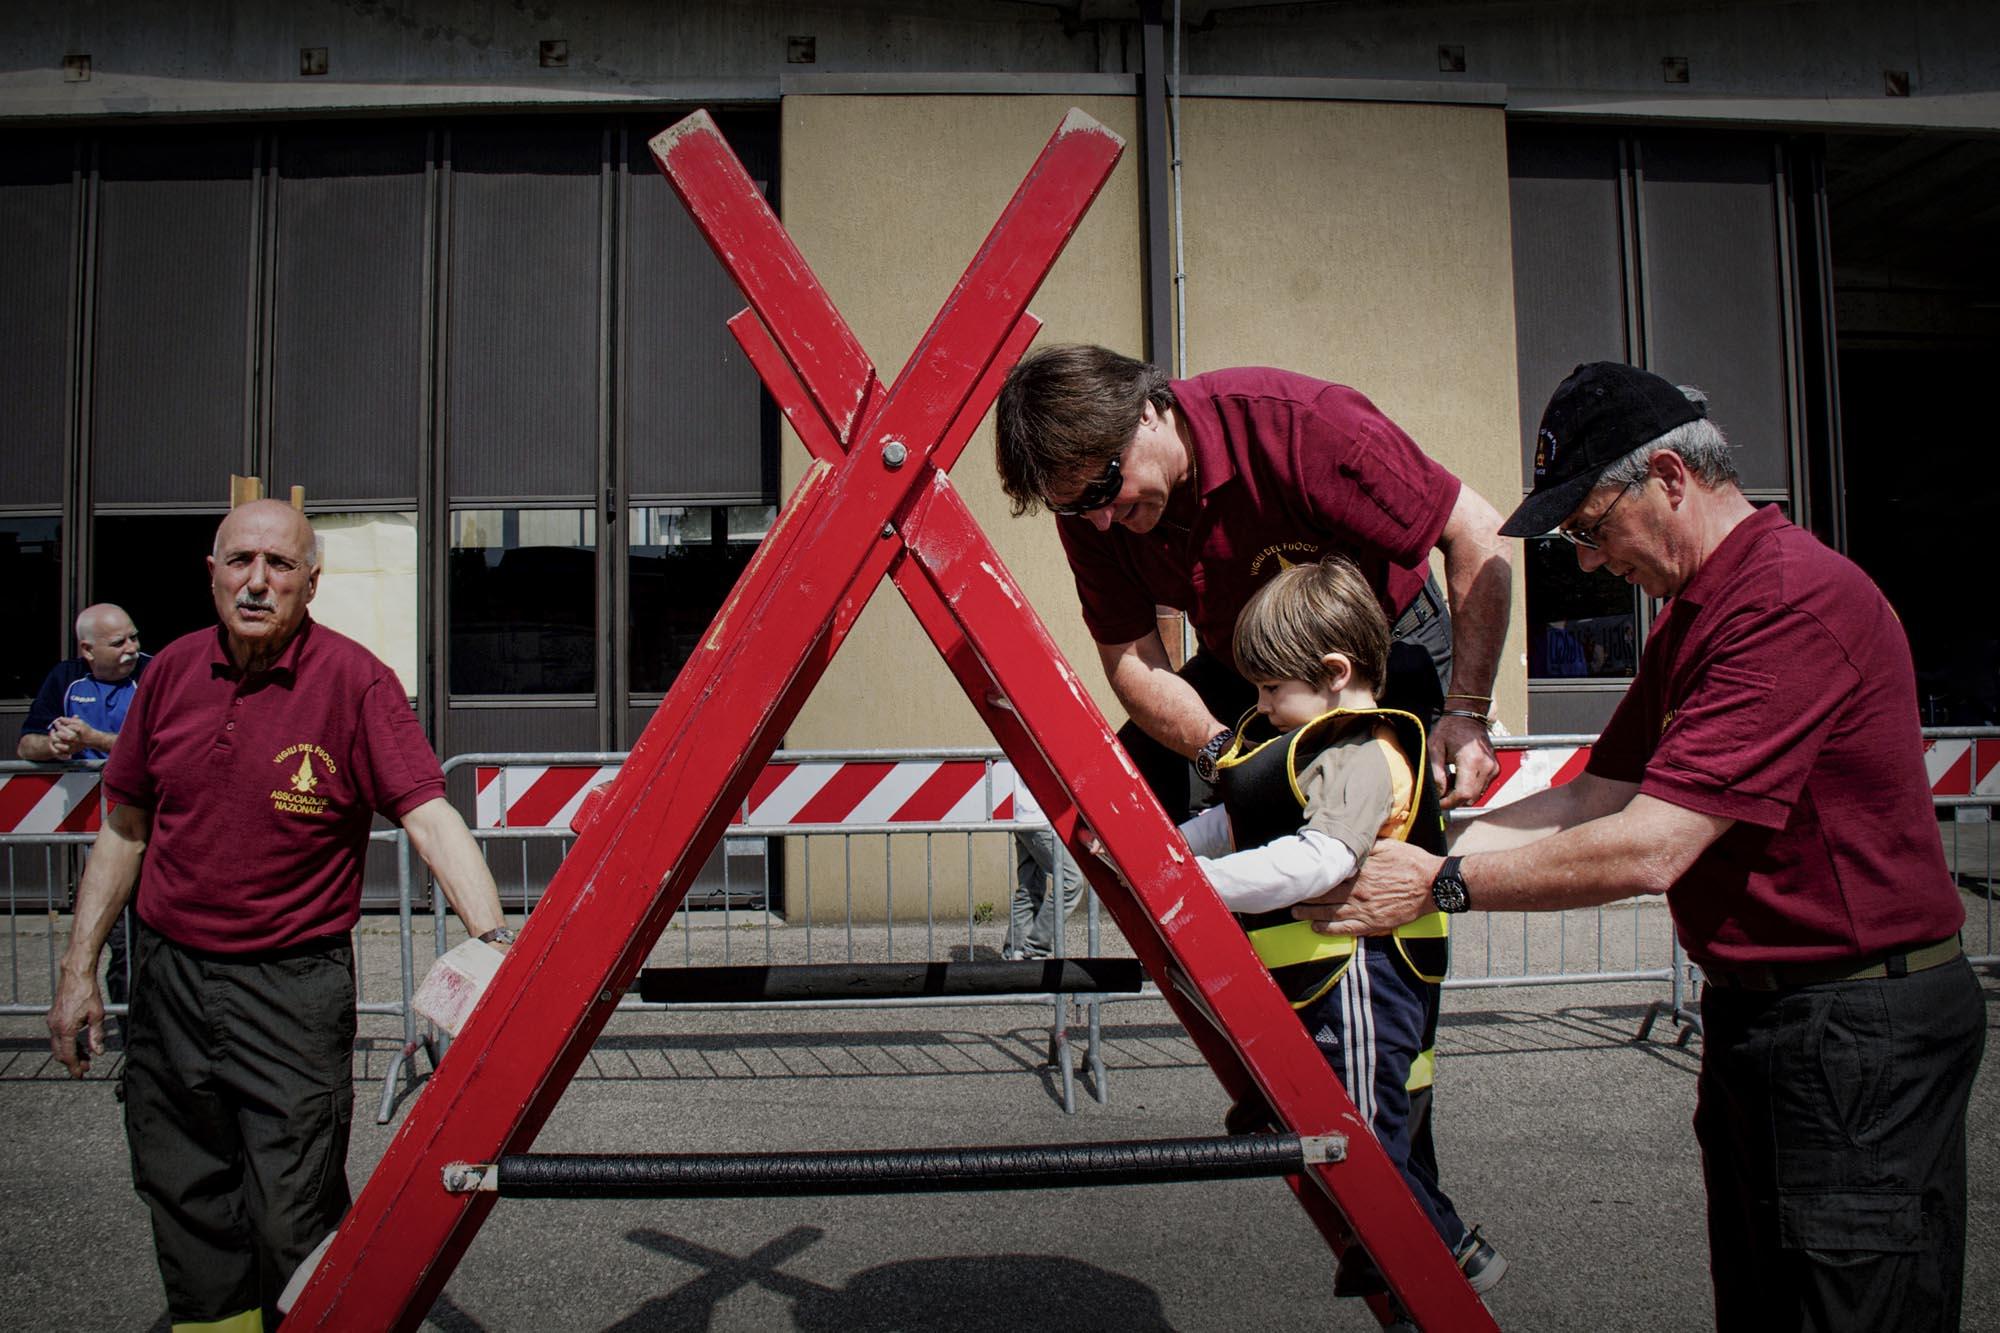 0029 pompieropoli esercitazioni antincendio bambini 4 - Pompieropoli, esercitazione antincendio con i bambini